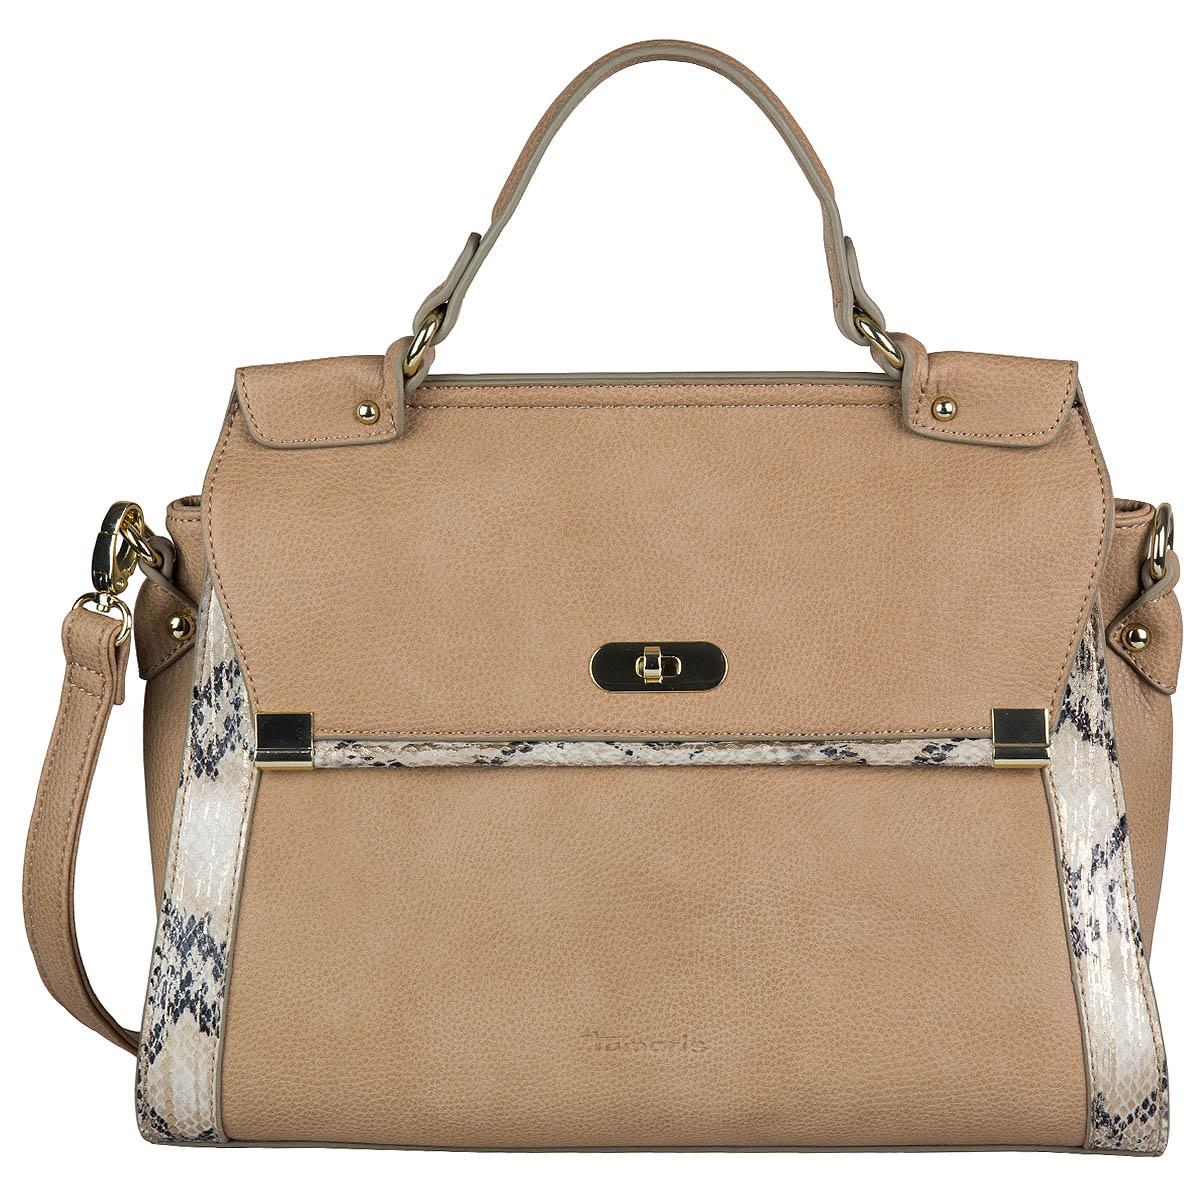 7775178315302 Tamaris Tiana Tasche Handtasche Henkeltasche Handbag 1073161 ...